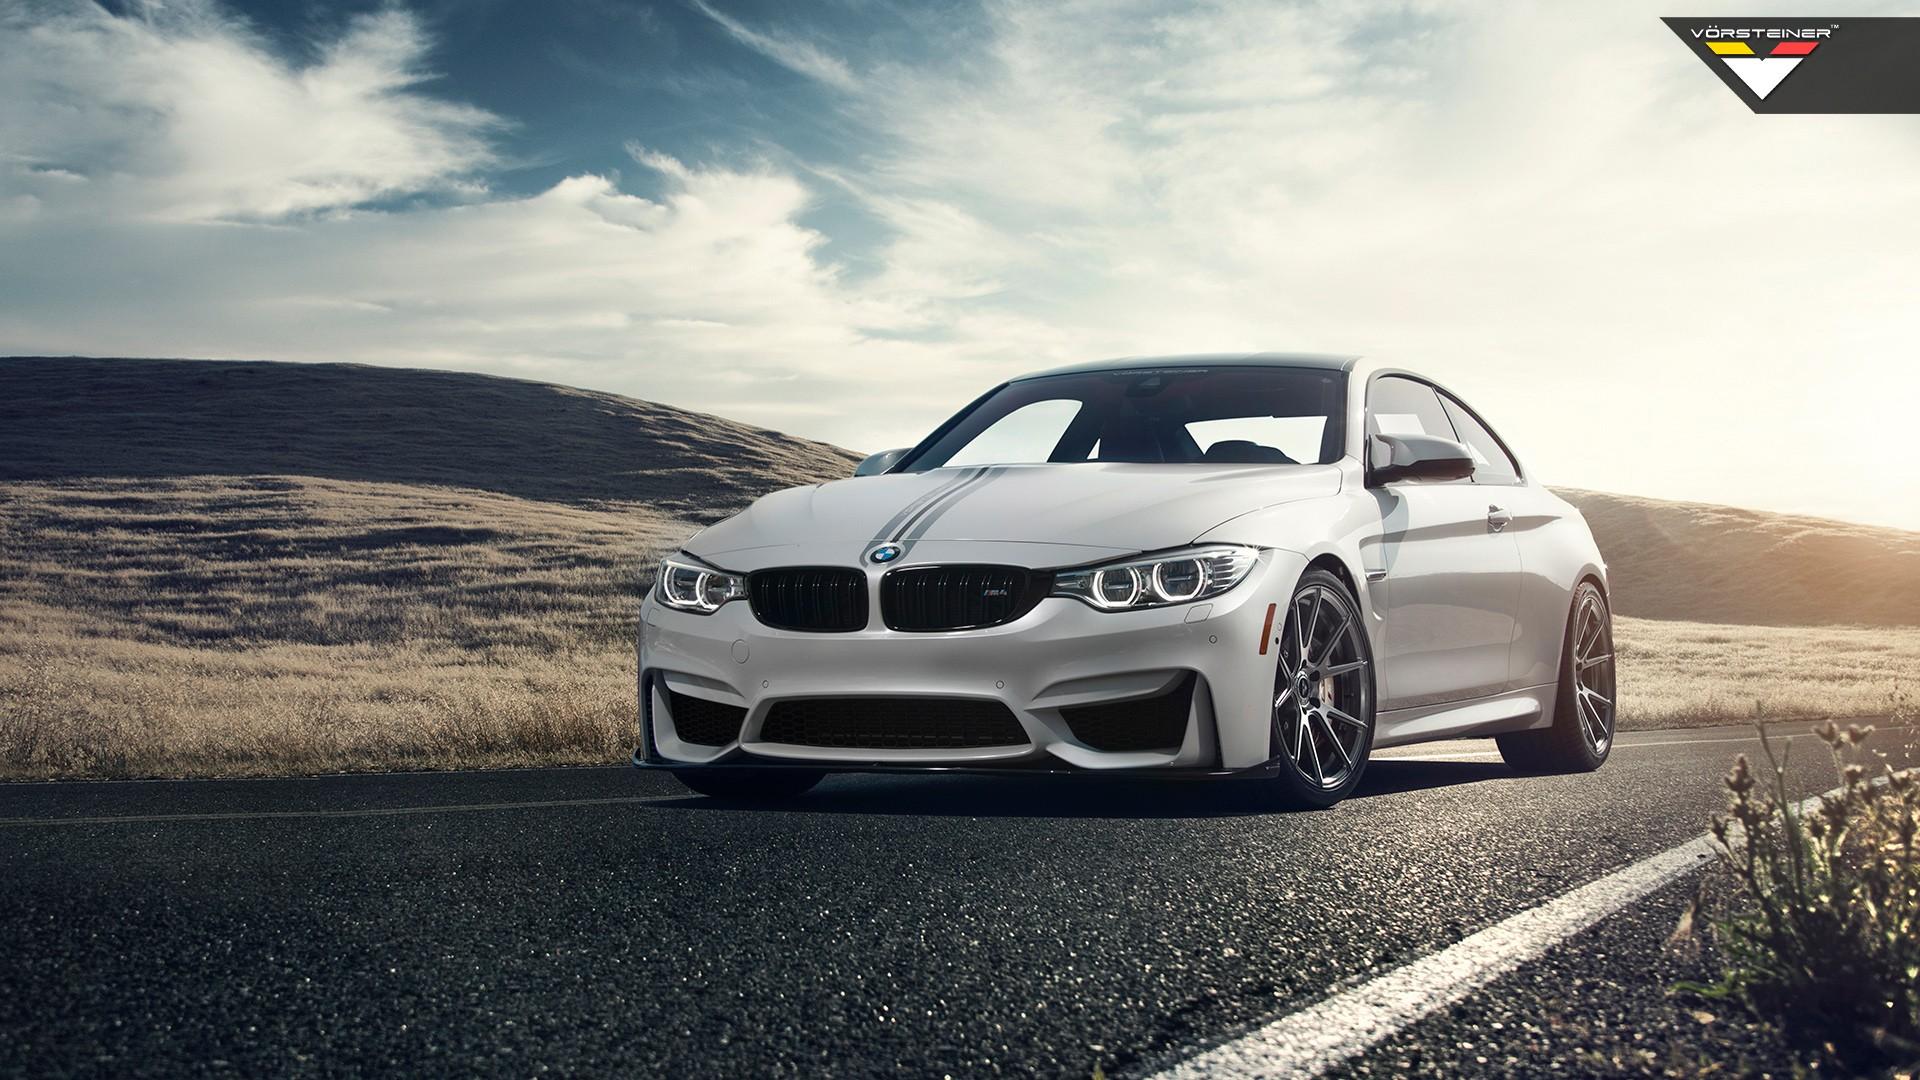 Vorsteiner BMW F82 M4 Wallpaper | HD Car Wallpapers | ID #5917